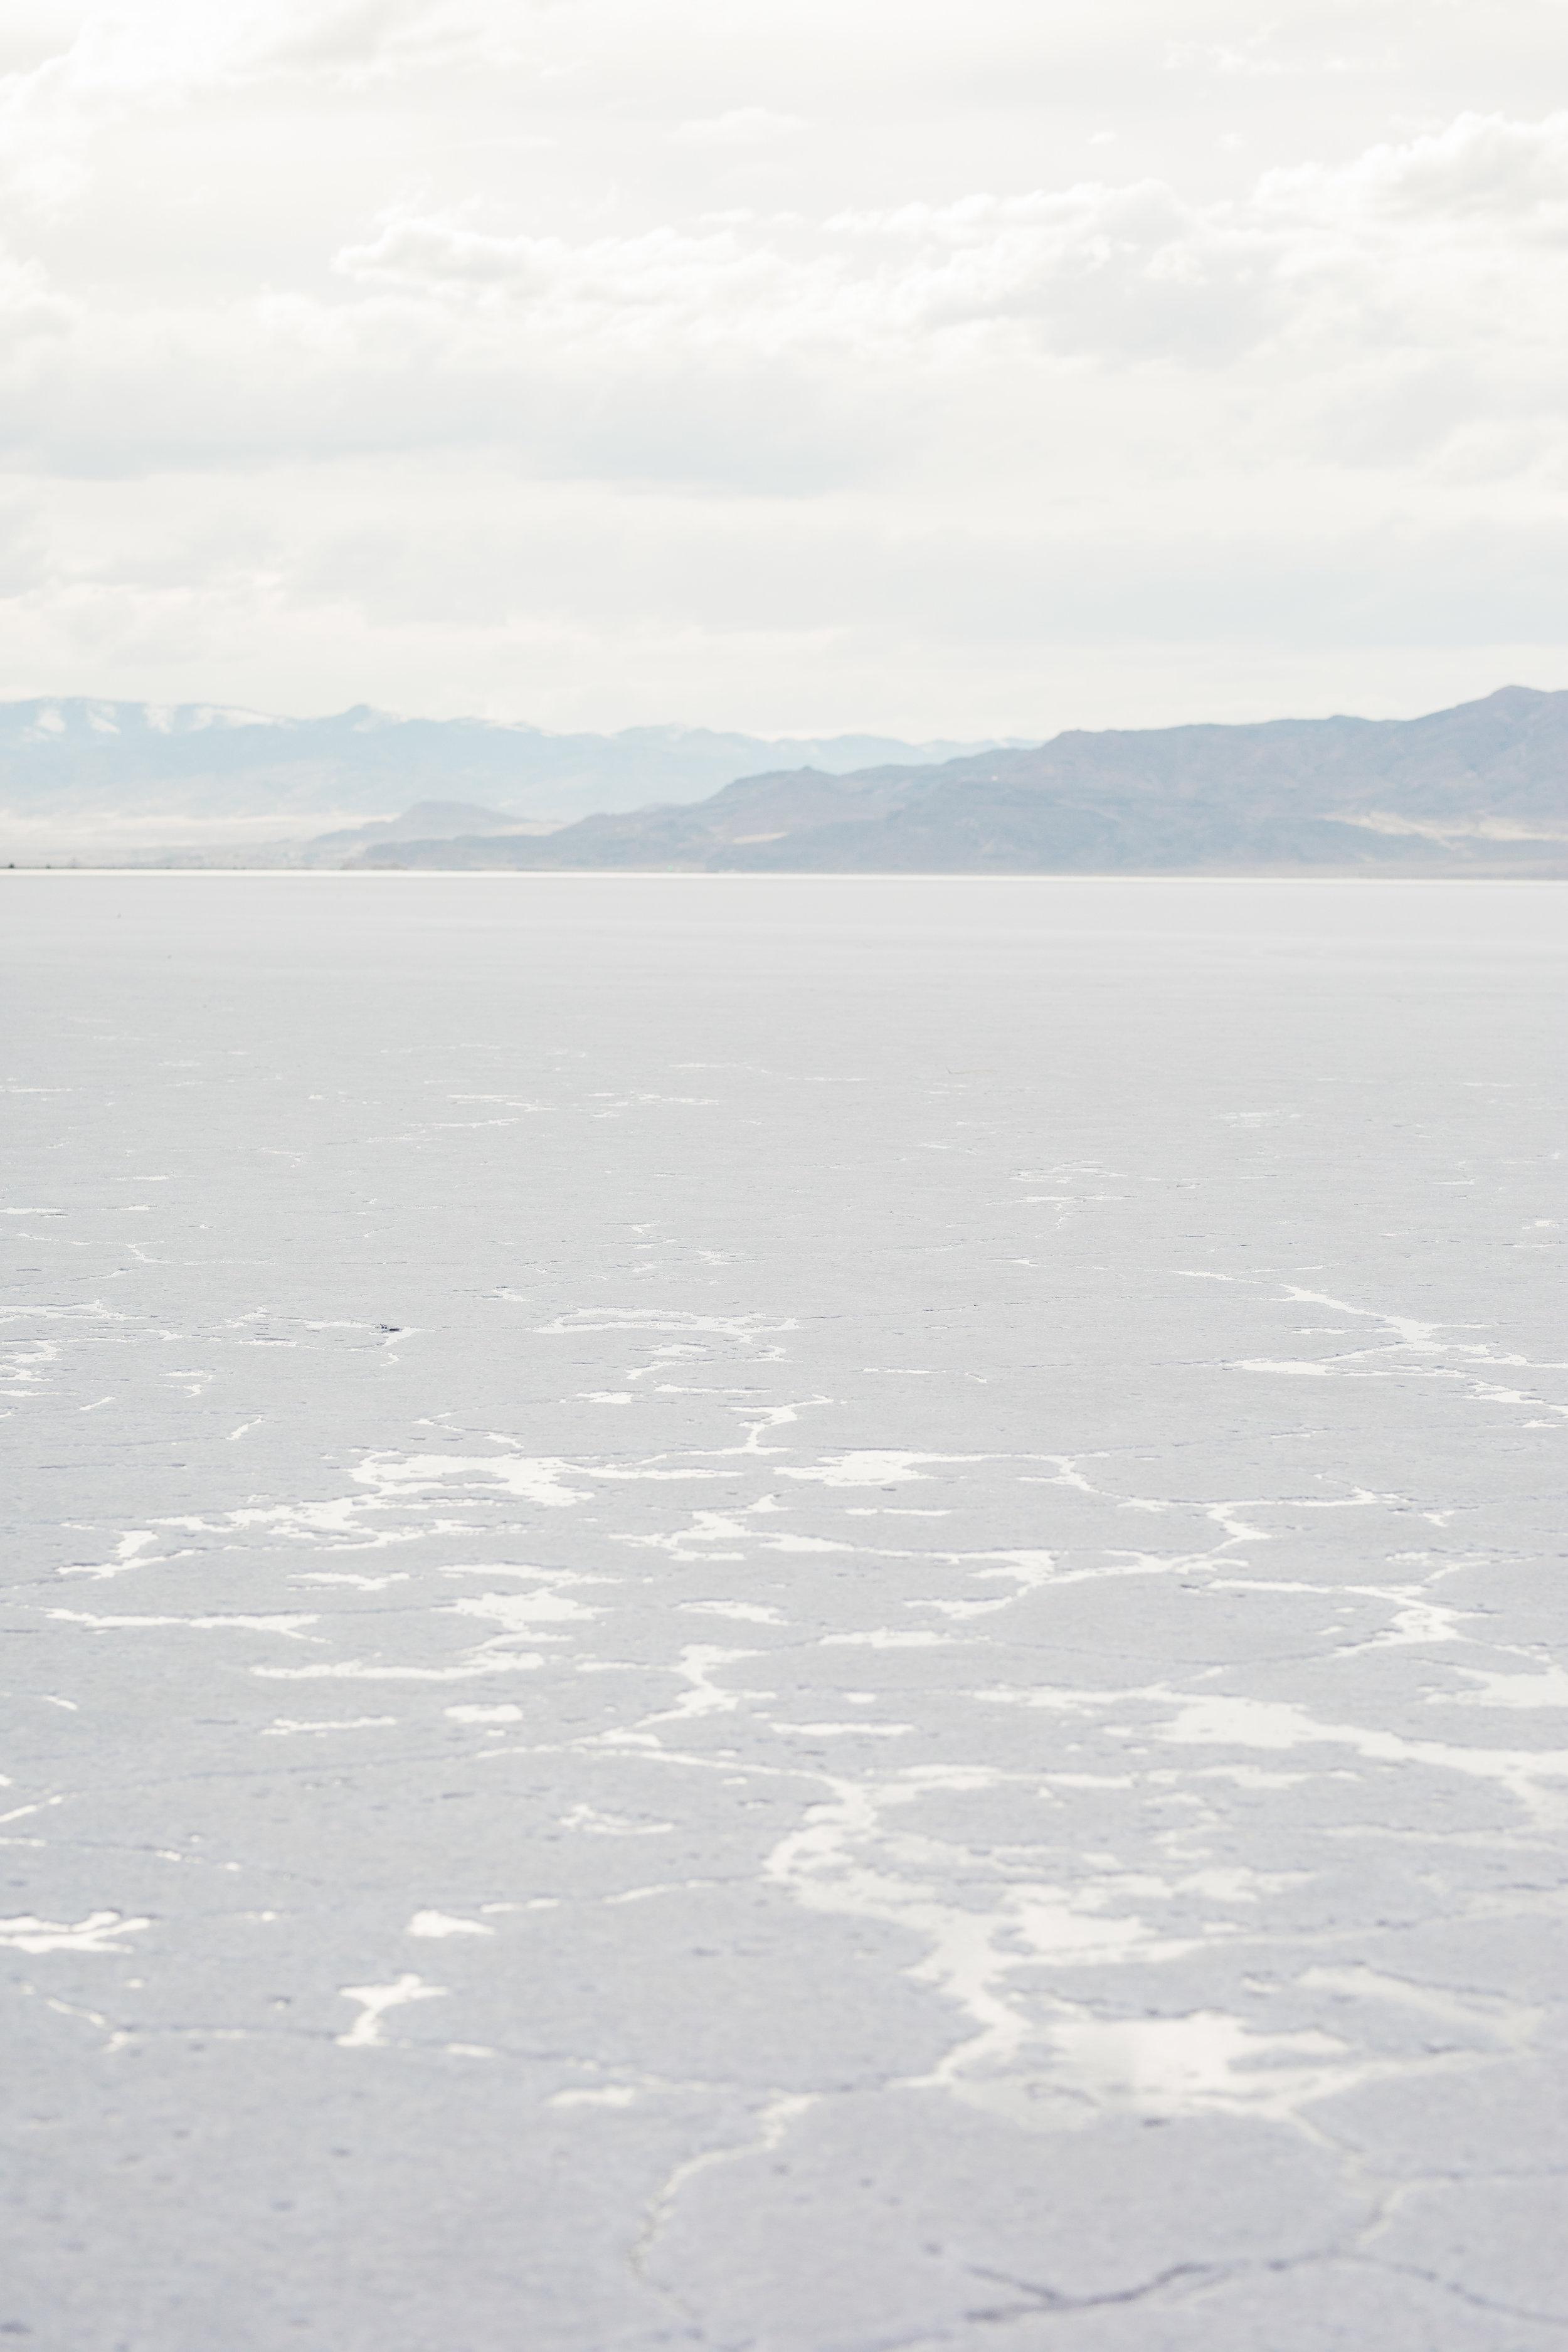 Bonneville Salt Flats terrain landscape detail